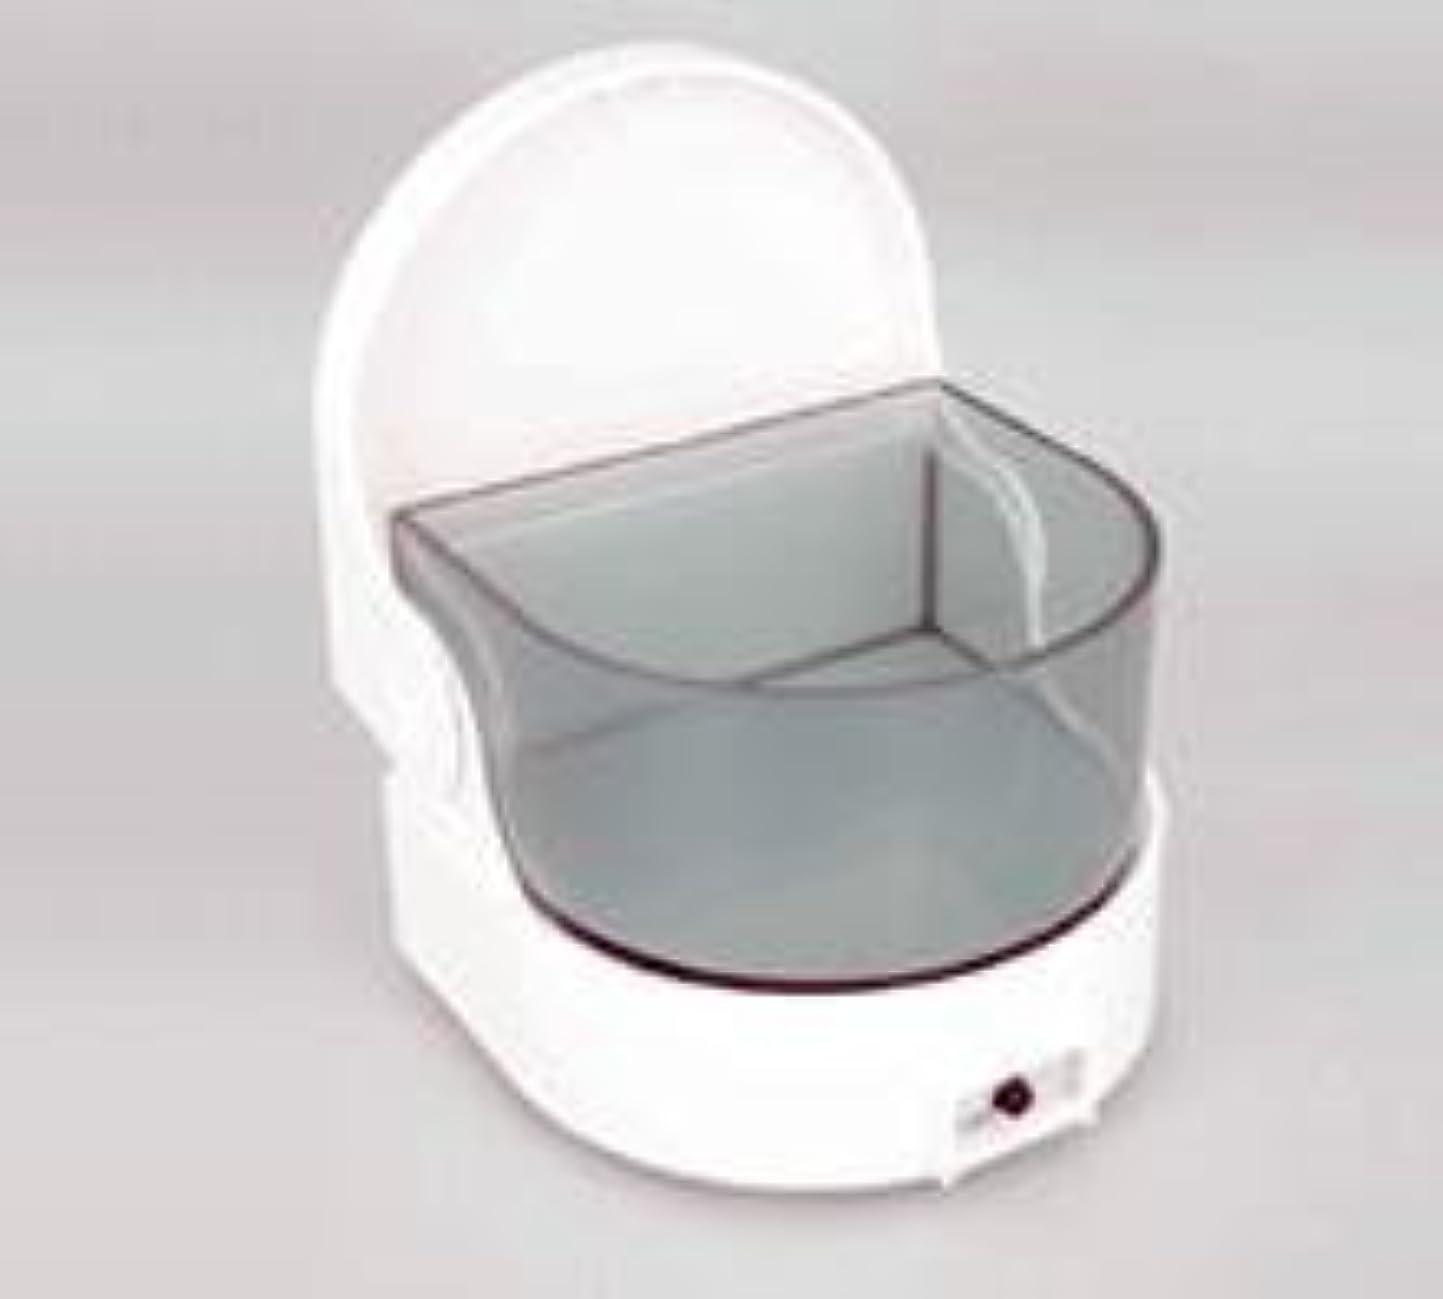 電報人間受賞義歯洗浄保存容器 ピュア デンチャークリーナー タイマー付